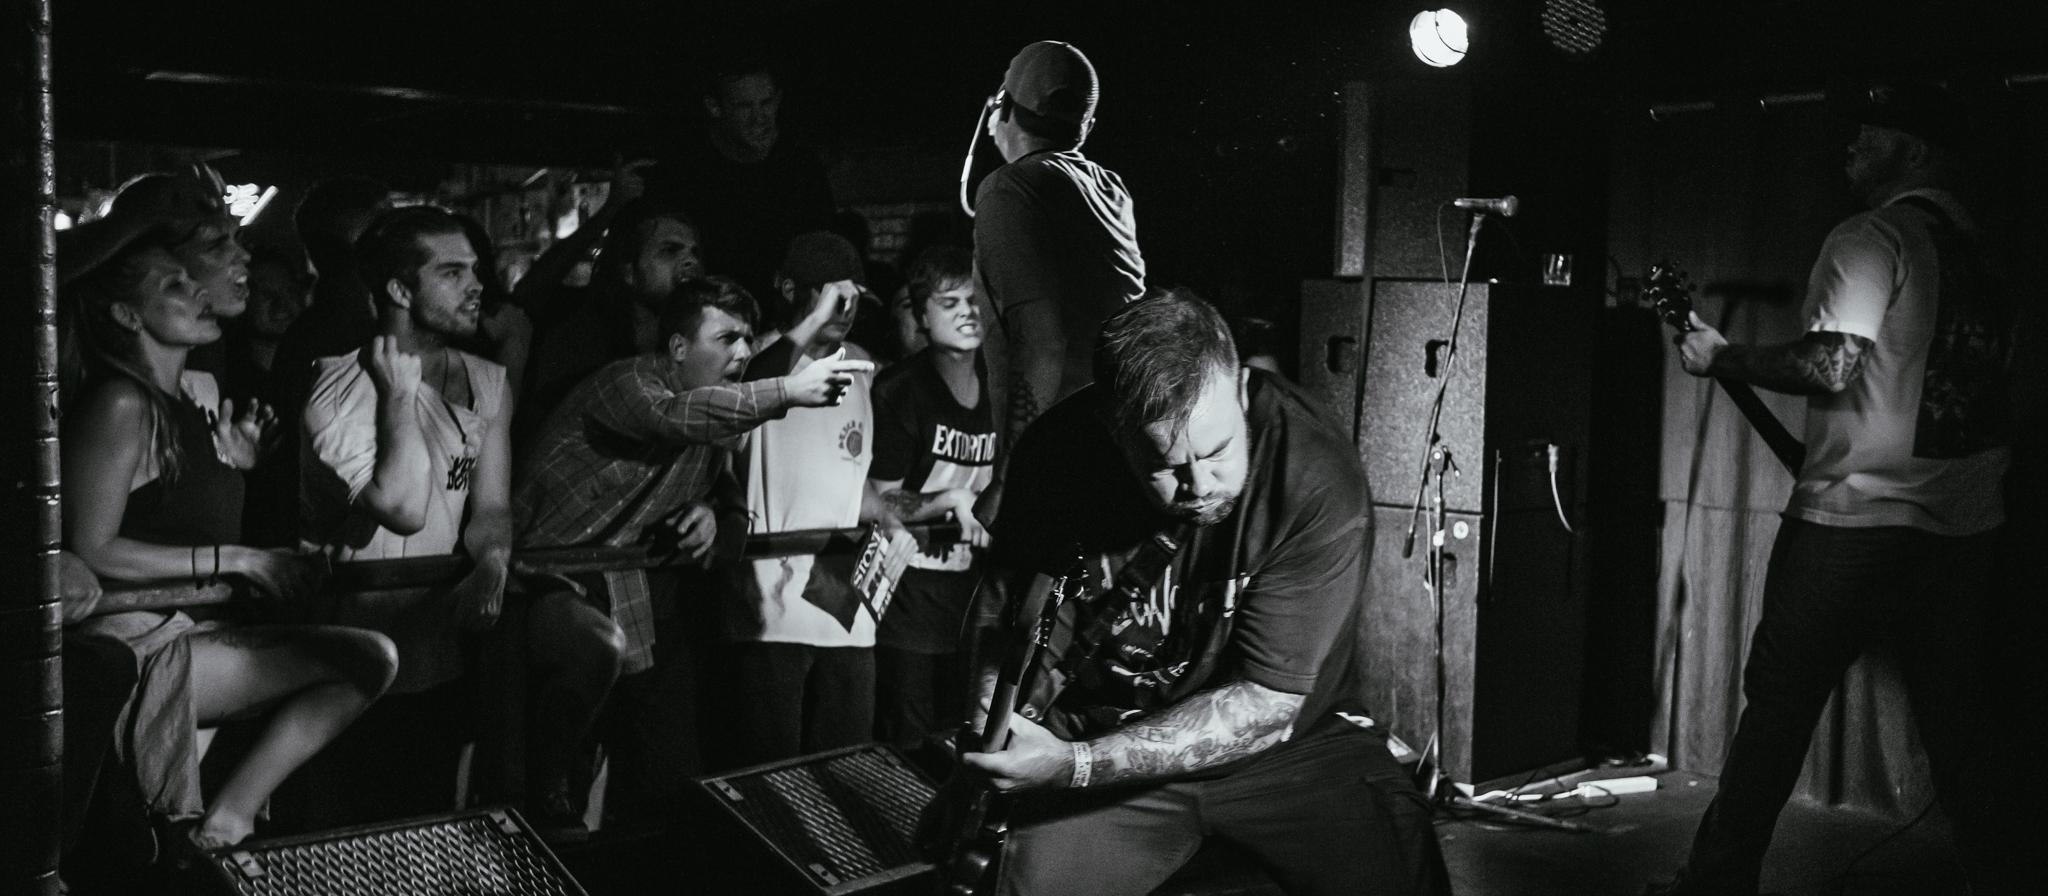 Mitch Lowe Photo - Crowbar - Expire-28.jpg